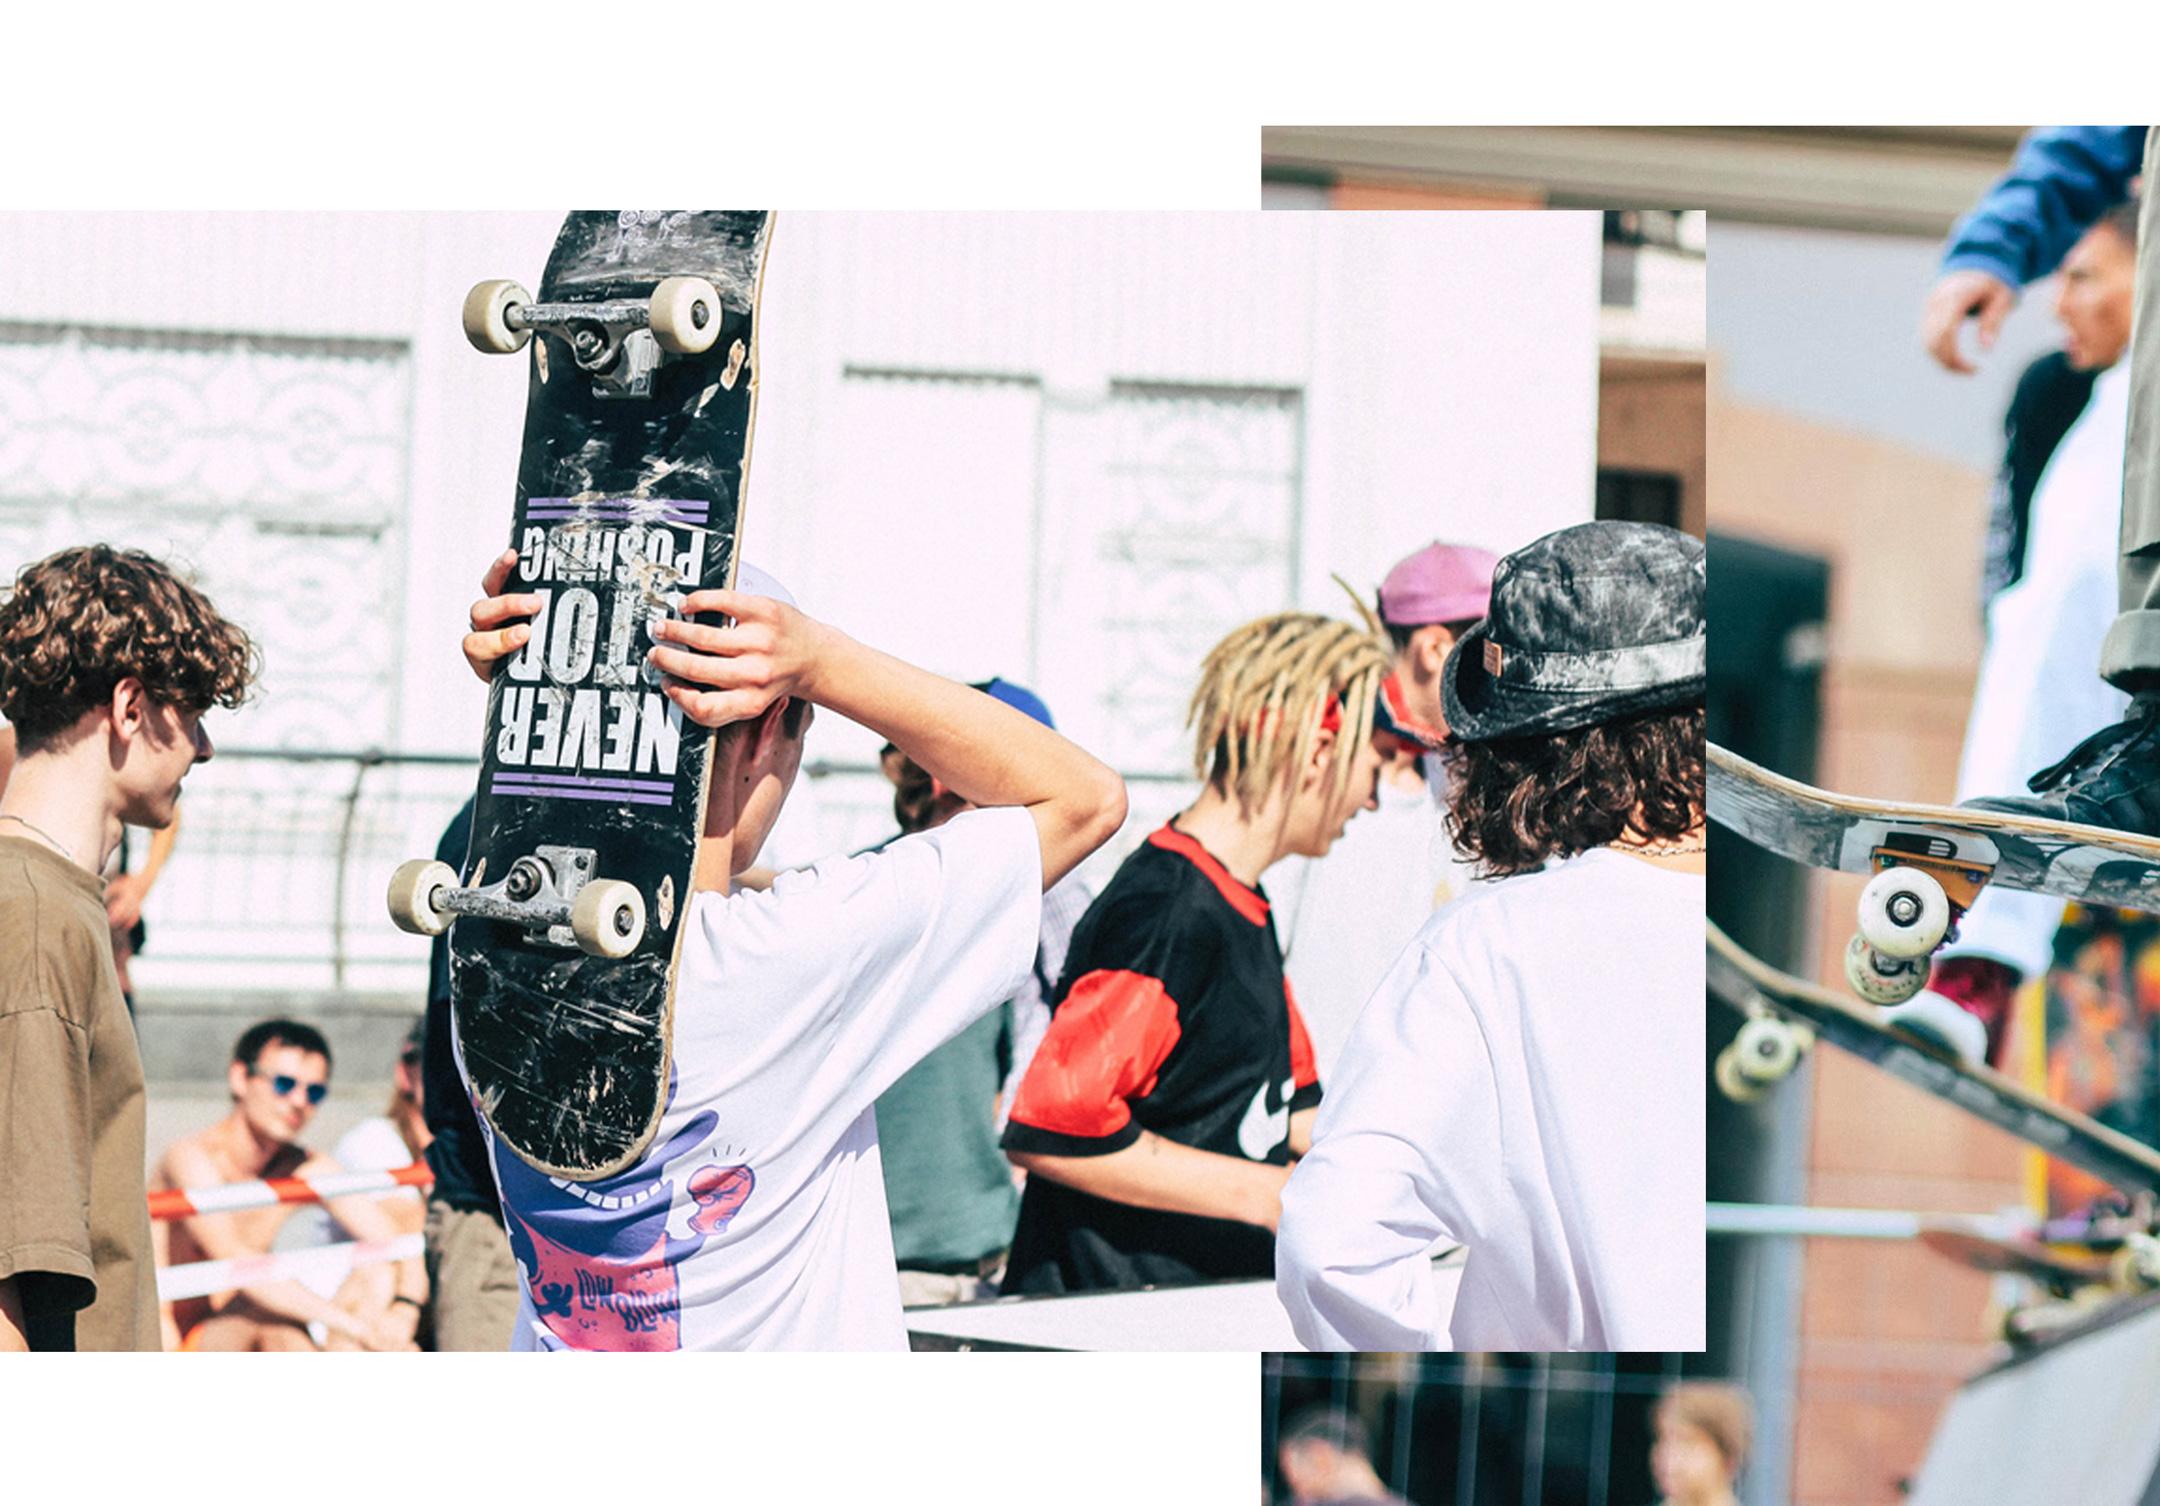 Skateboarding groups